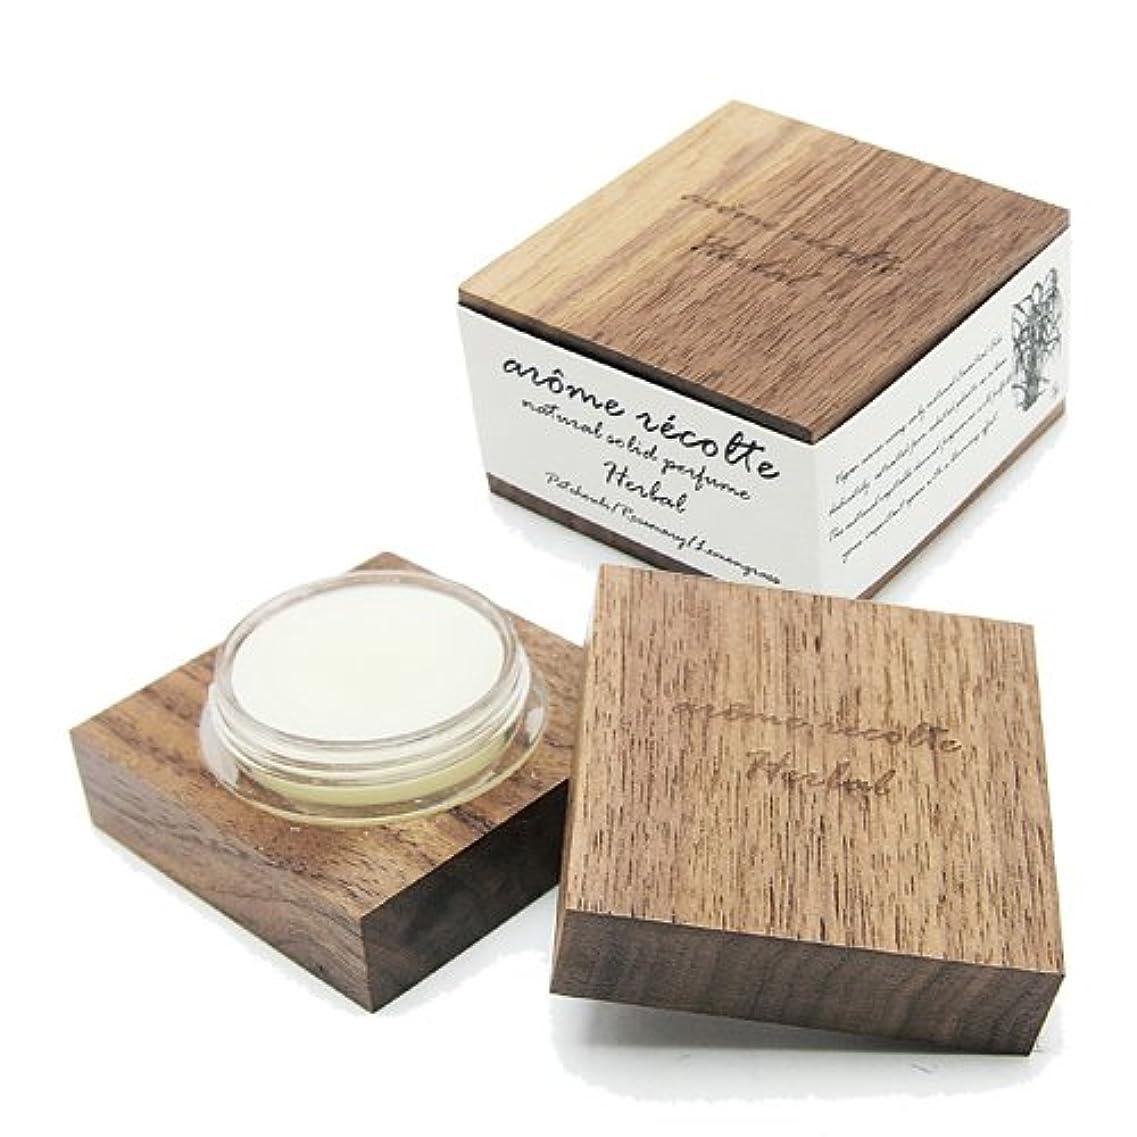 すべてサーバ整理するアロマレコルト ナチュラル ソリッドパフューム ハーバル Herbal arome recolte 練り香水